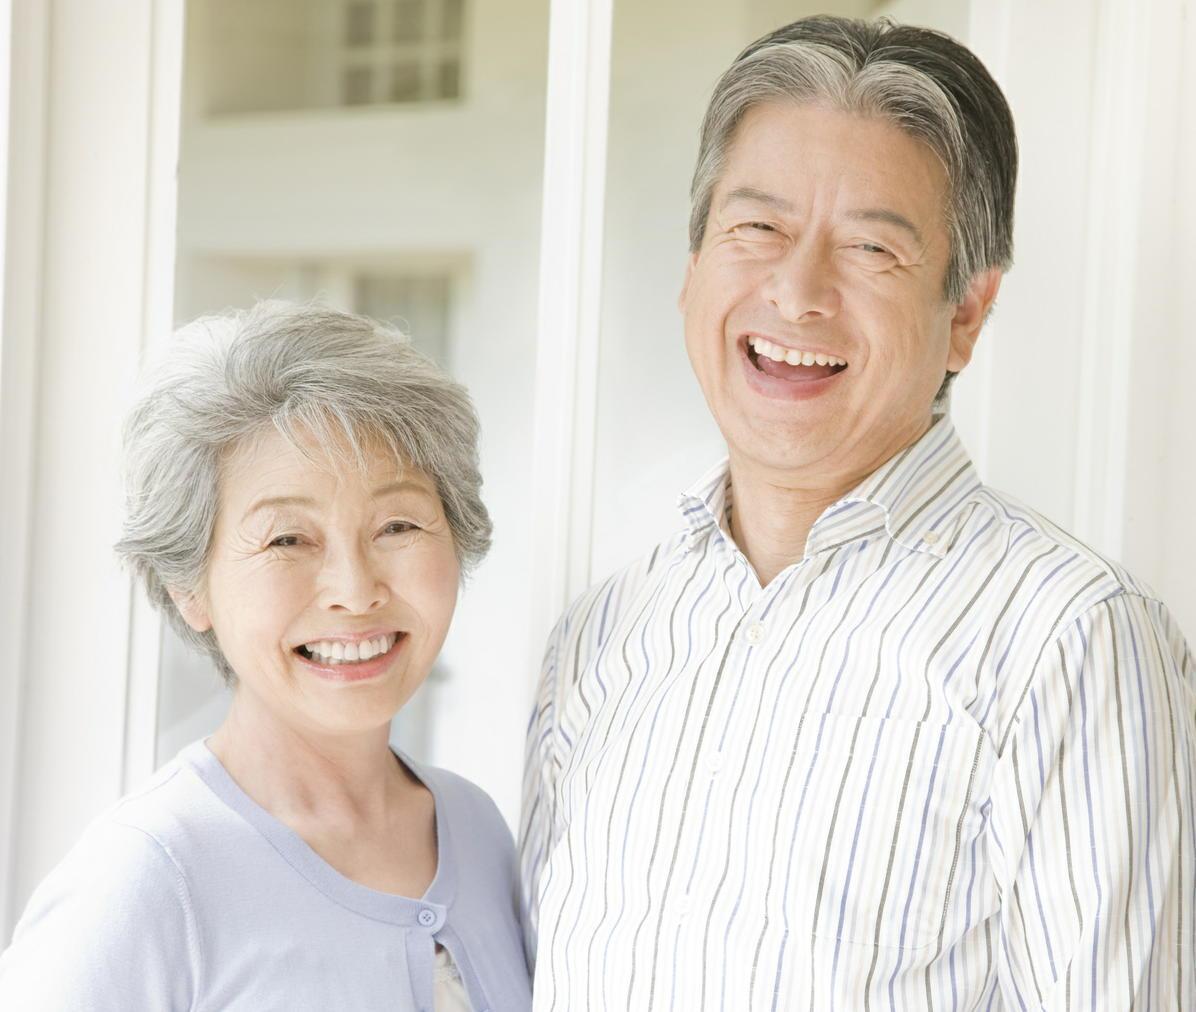 高齢者が安全で健康に働ける職場の実現を目指して 有識者会議が報告書をとりまとめ